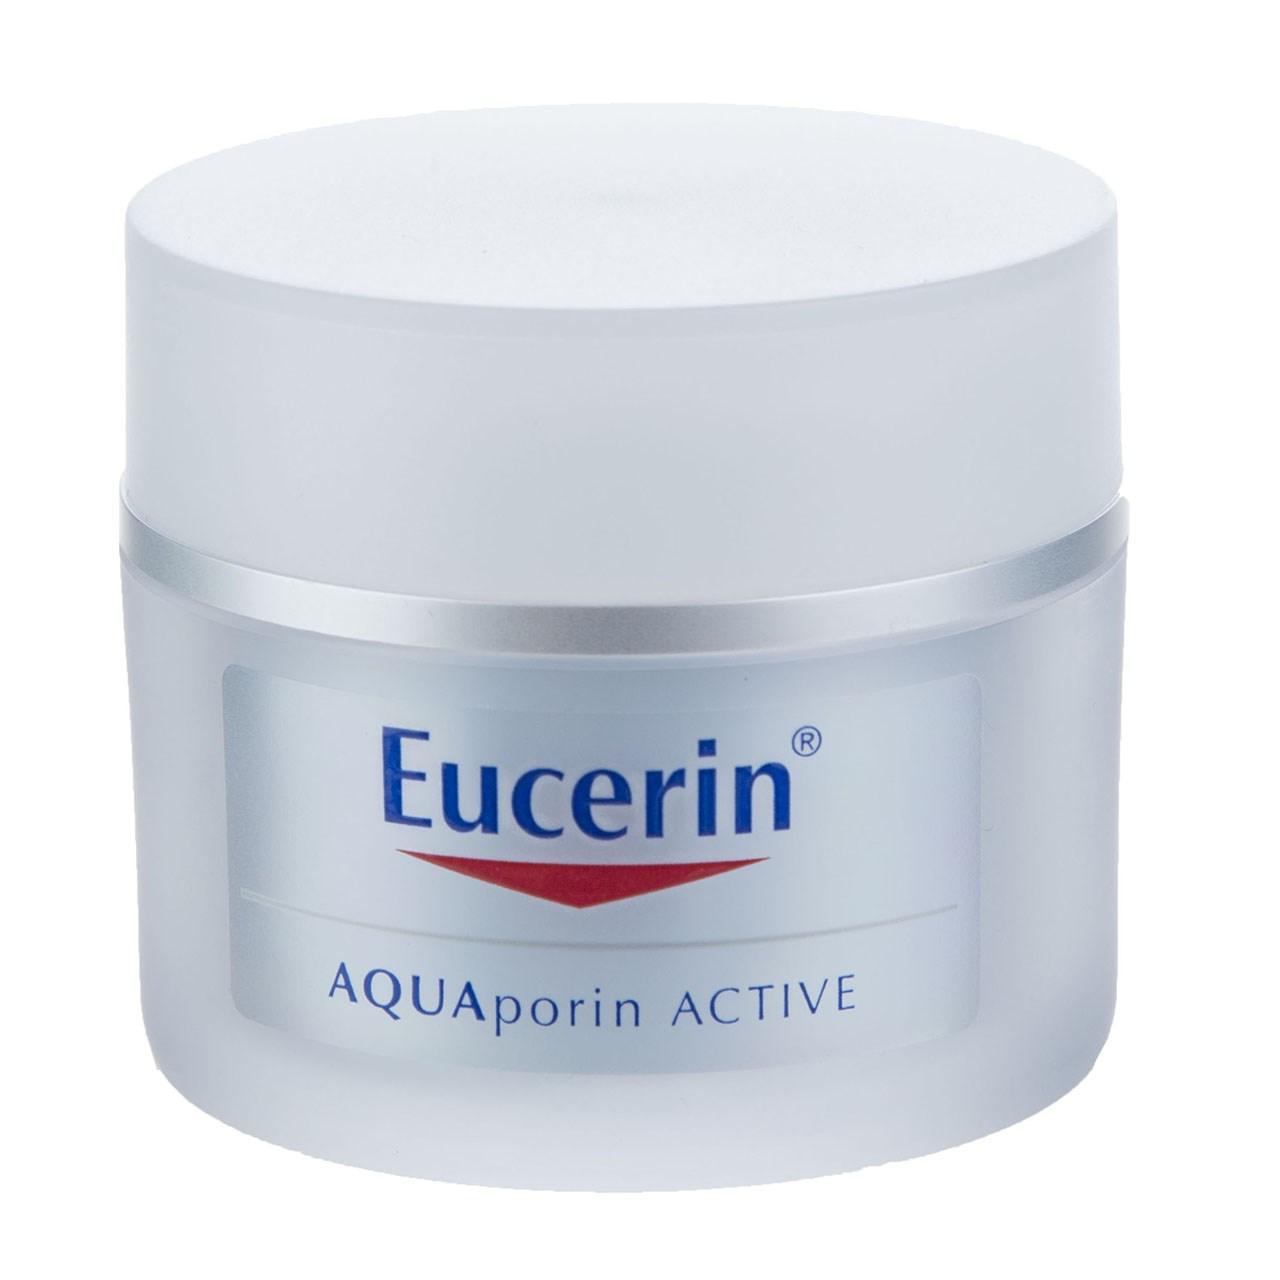 قیمت کرم مرطوب کننده روز اوسرین مدل Aquaporin Active حجم50 میلی لیتر